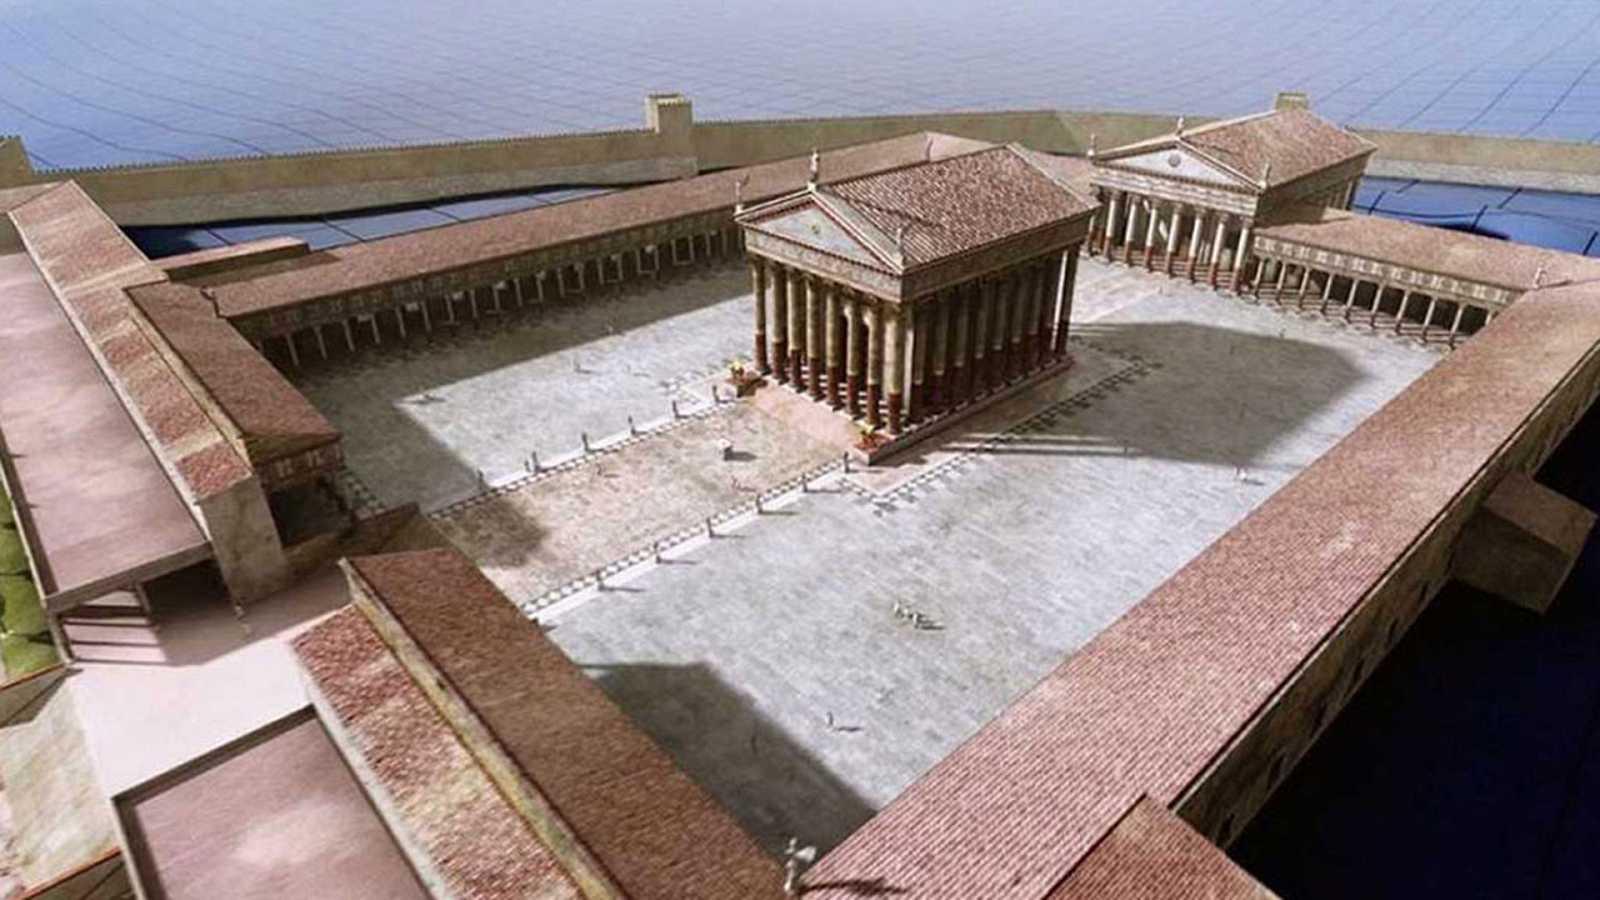 Ingeniería romana - Las ciudades I - ver ahora